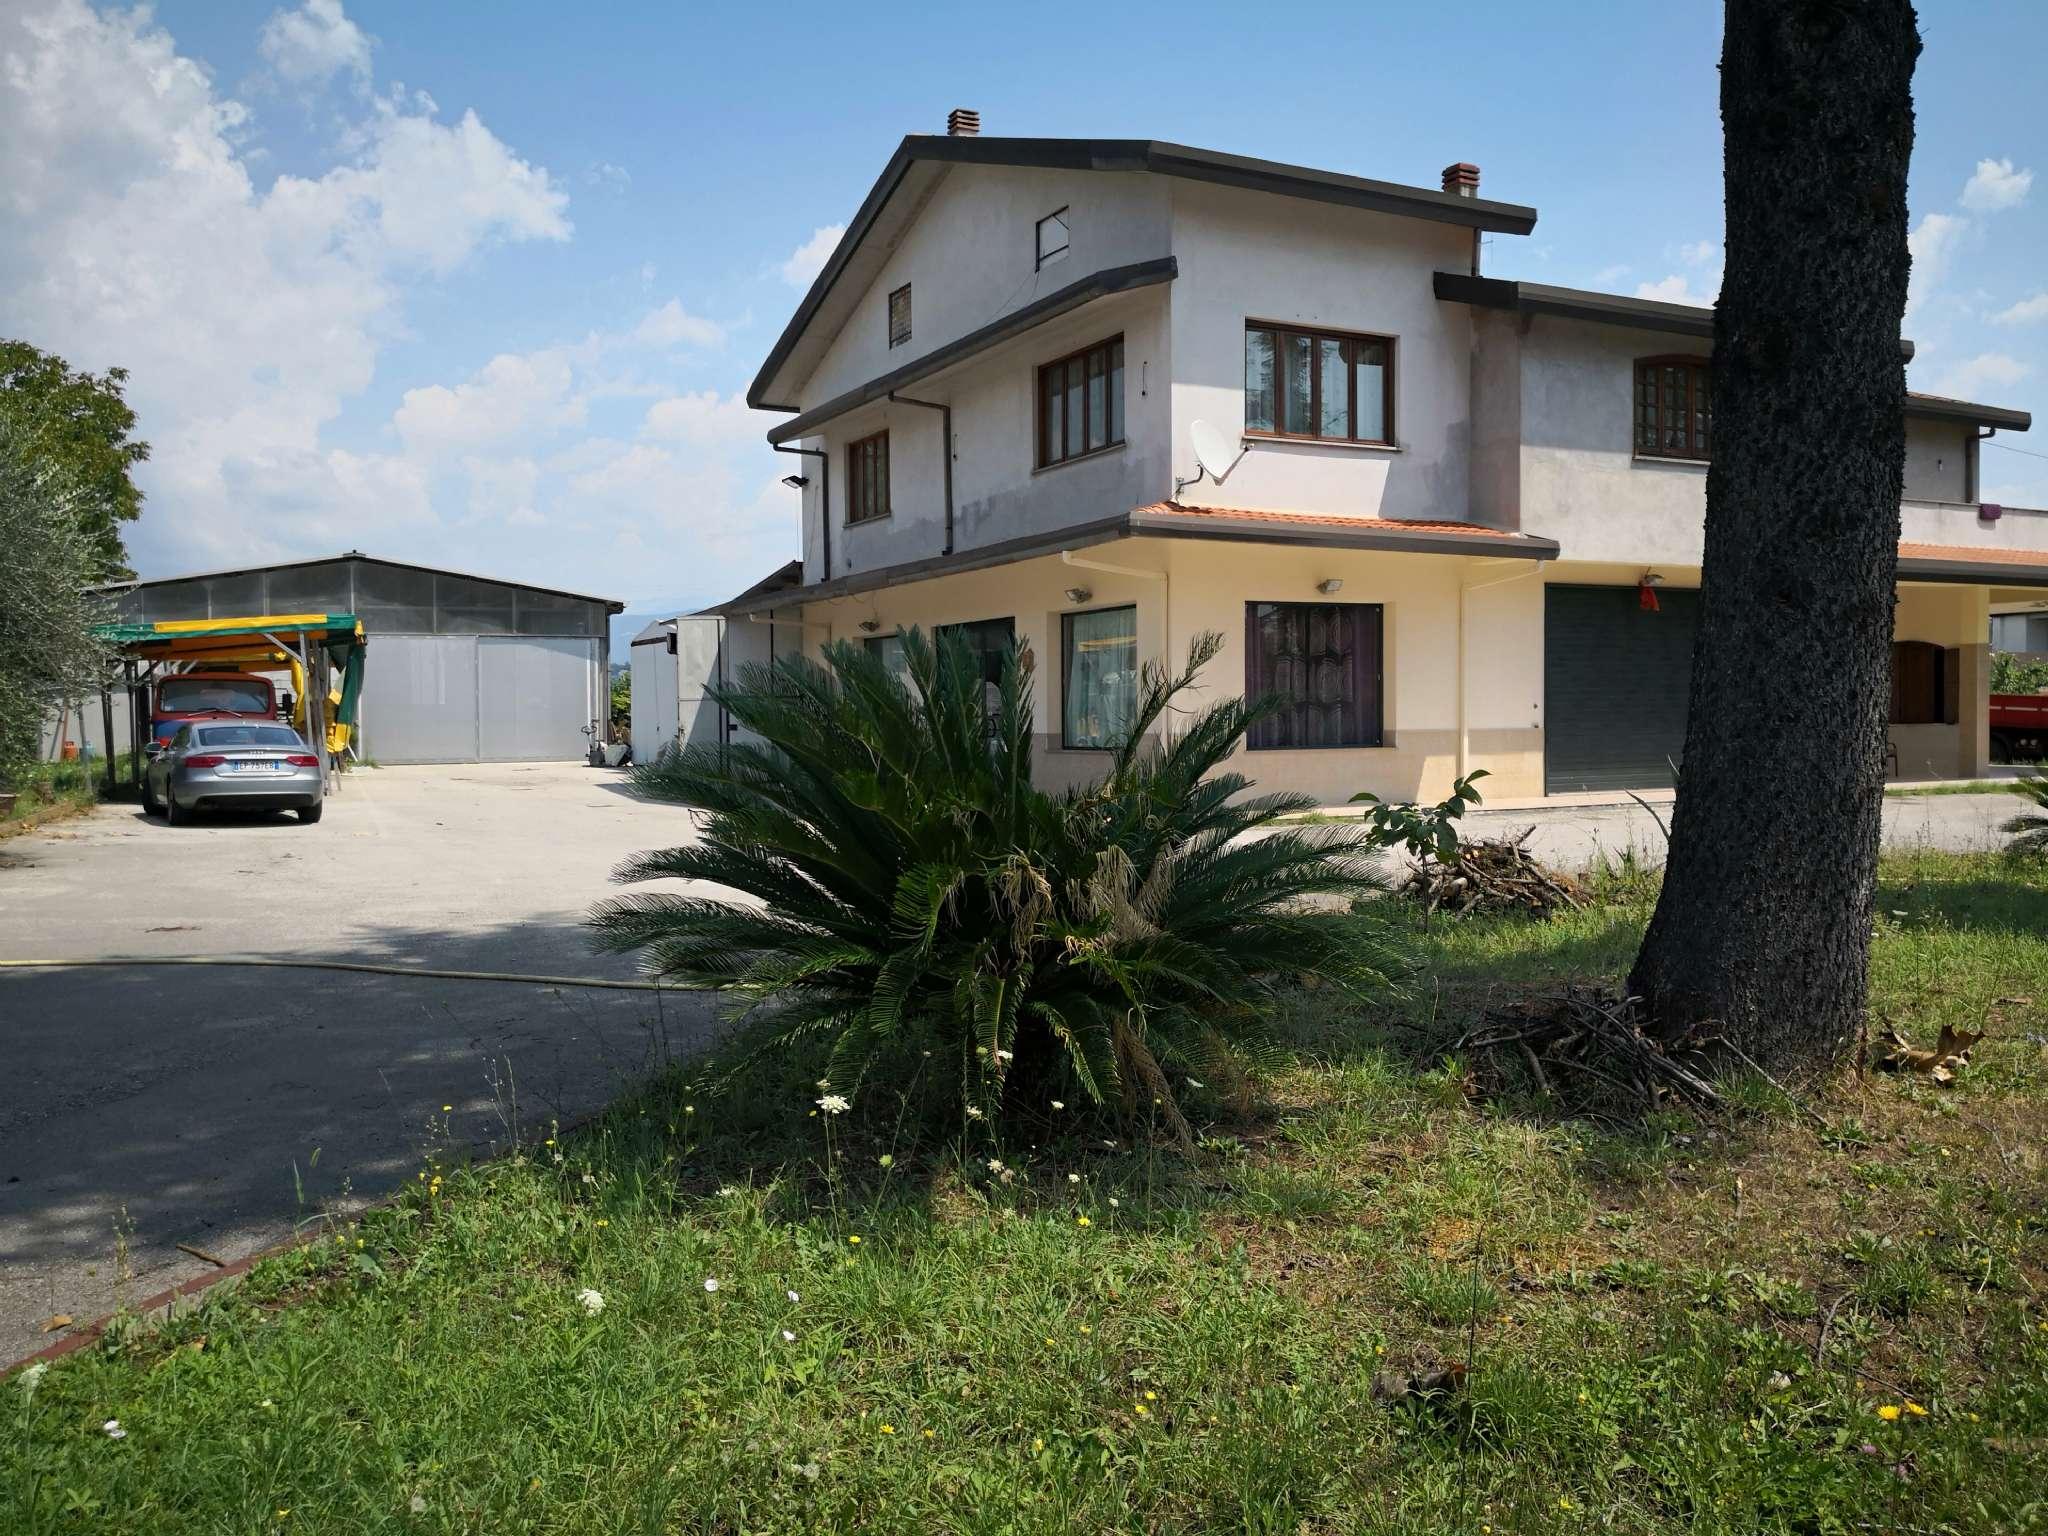 Negozio / Locale in affitto a Frosinone, 9999 locali, prezzo € 2.500   CambioCasa.it